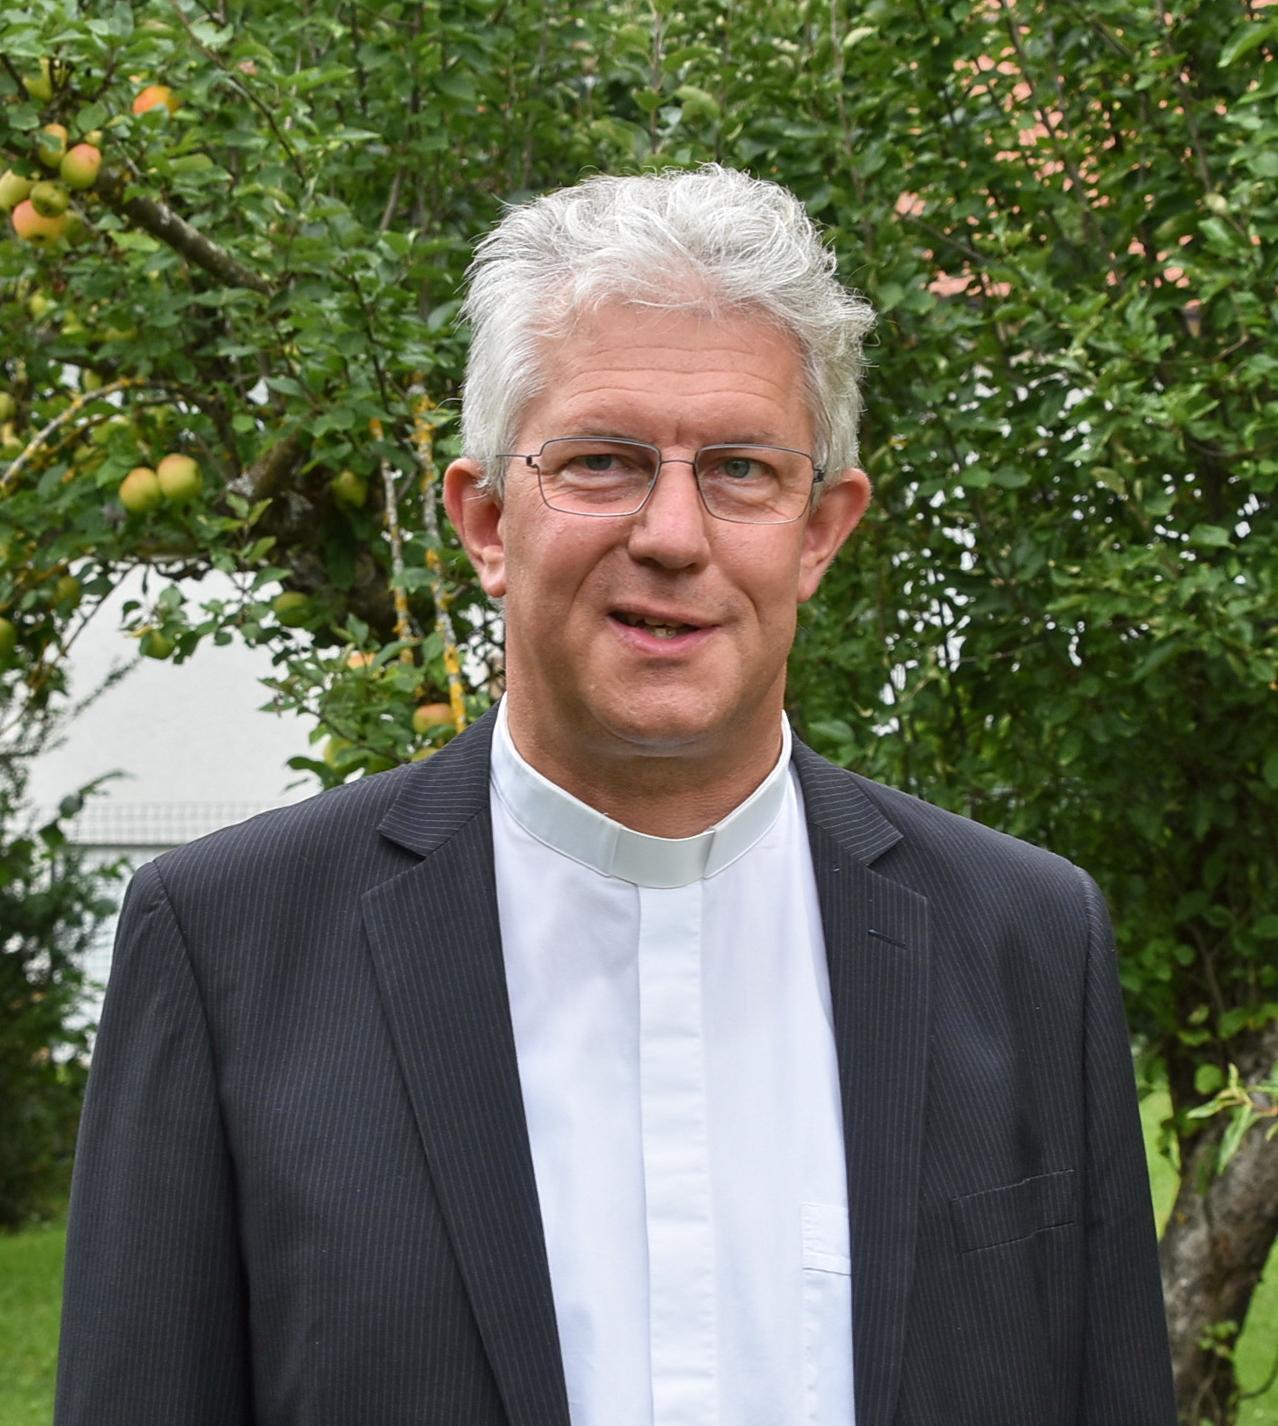 Pfarrer Peter Hauf